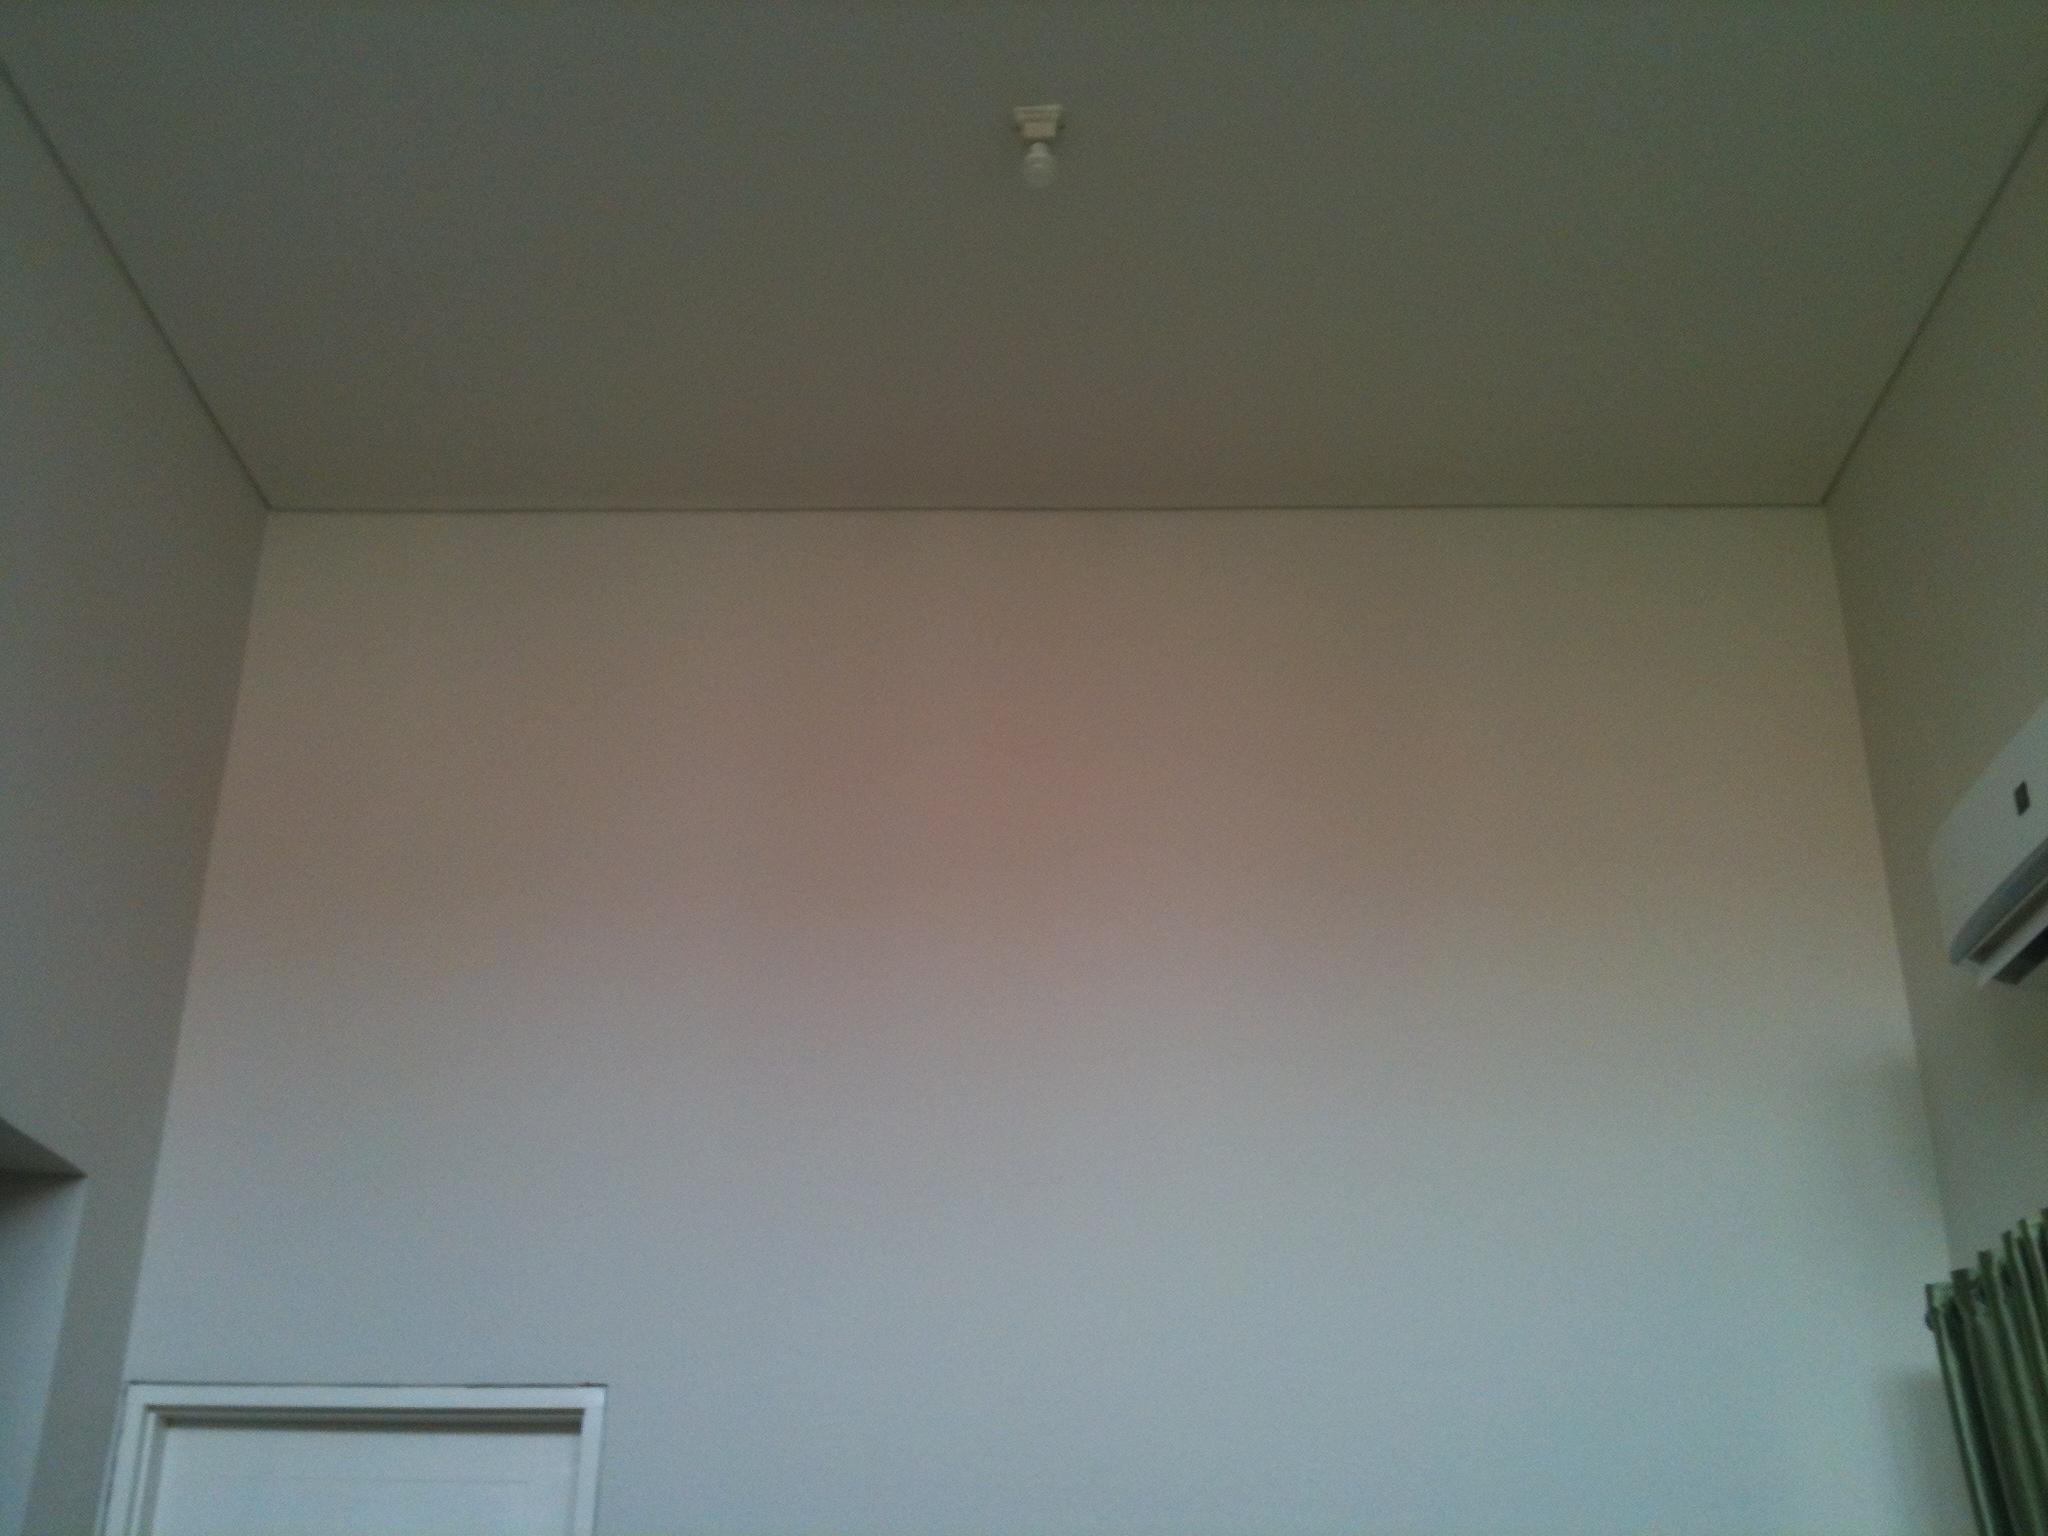 tukang pasang plafond gypsum borongan